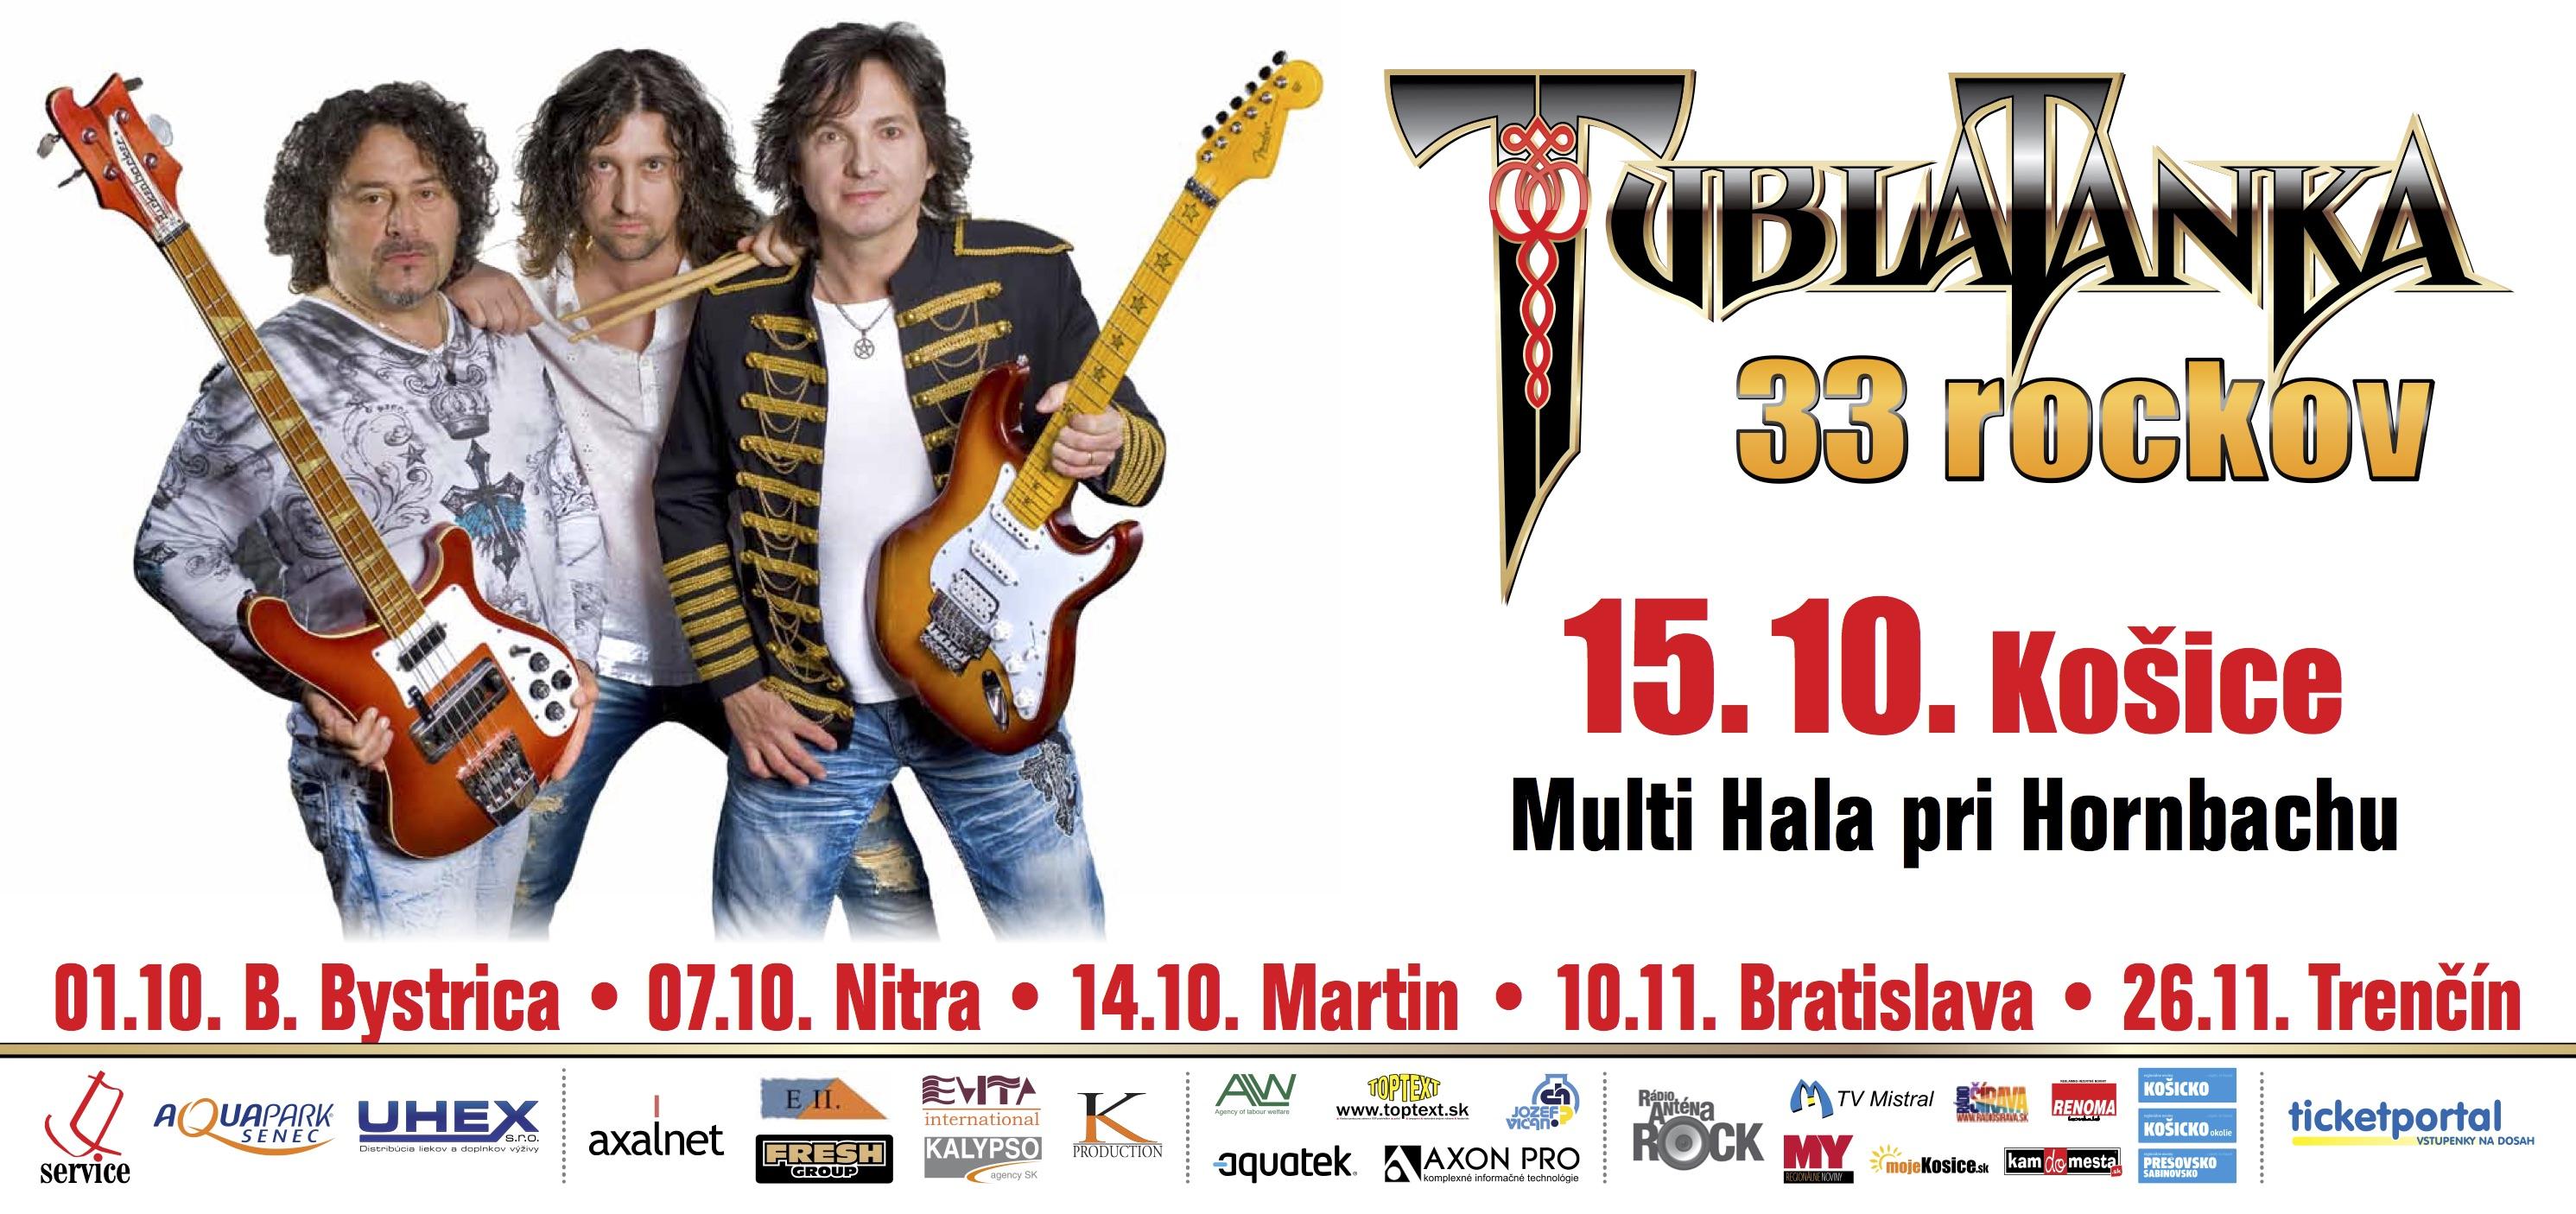 Legendárna rocková skupina Tublatanka vyráža na slovenské aj české  koncertné turné pod názvom TUBLATANKA 33 rockov 7645e0d5739